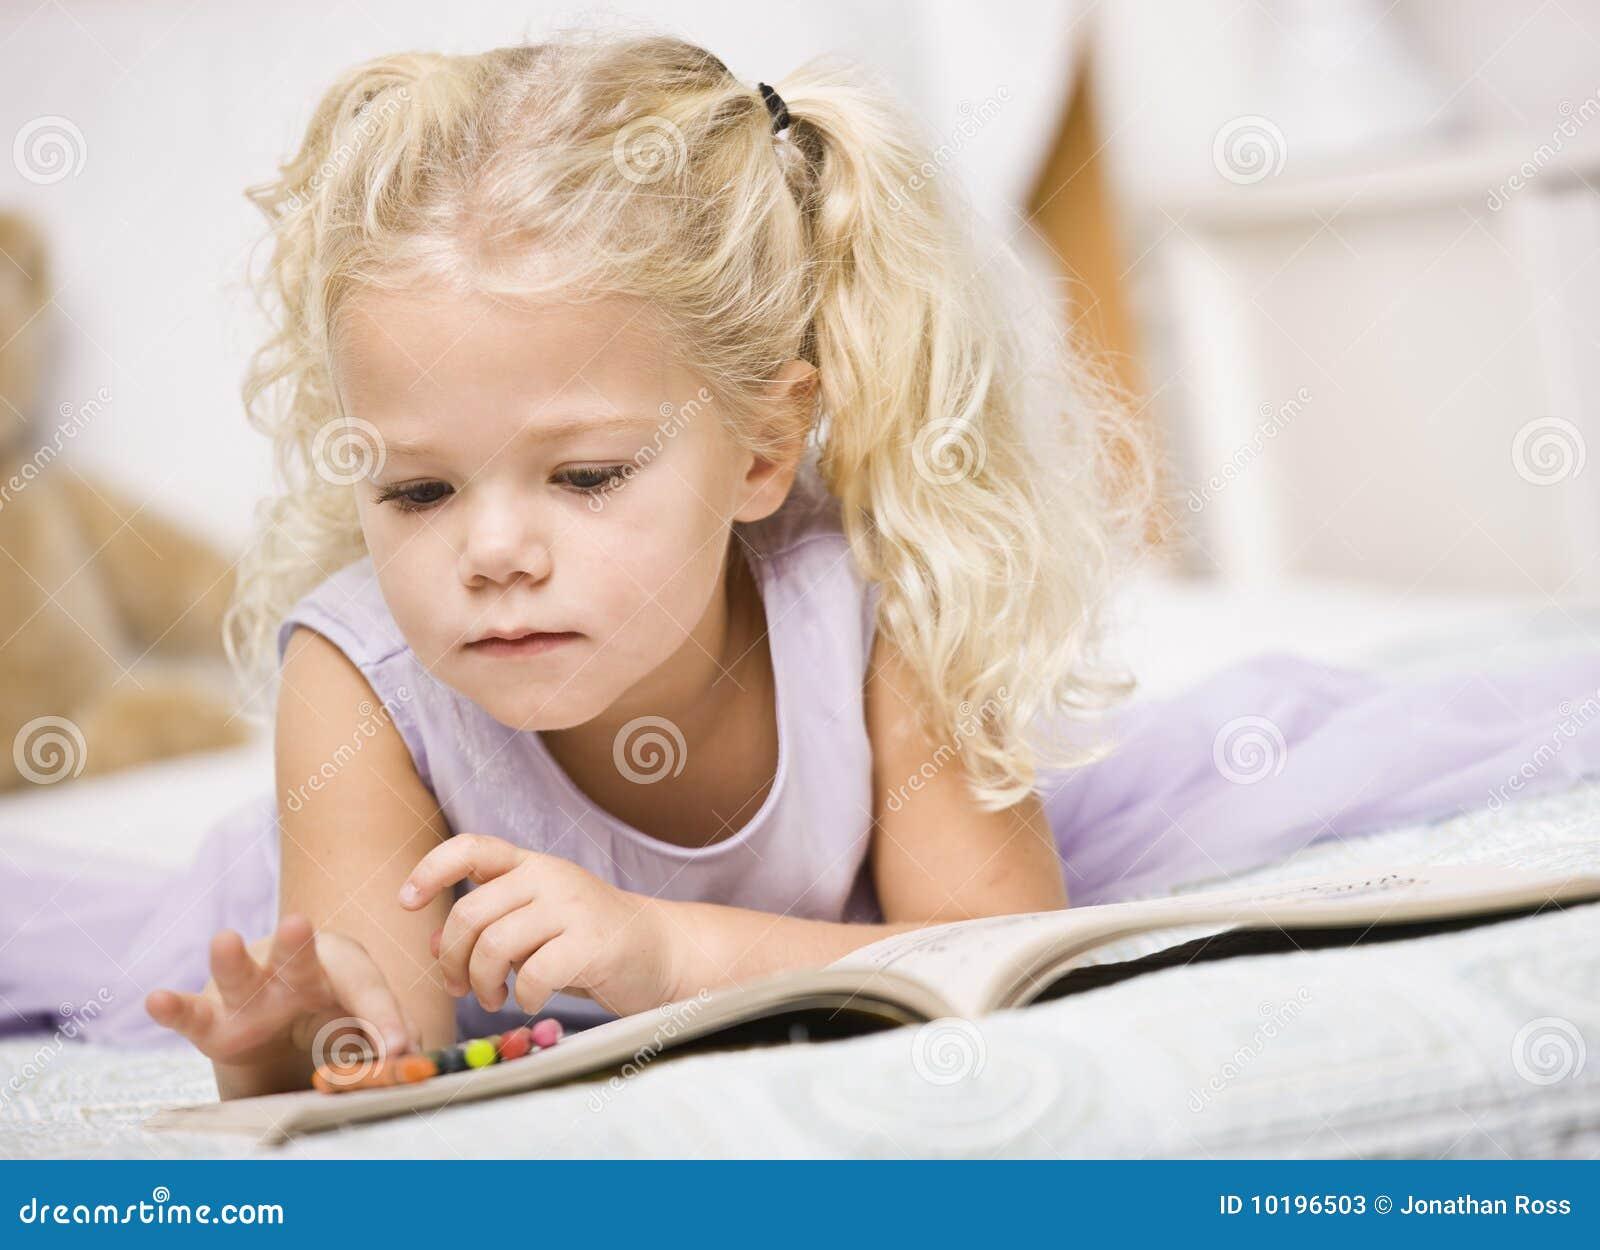 Colorante de la muchacha en libros